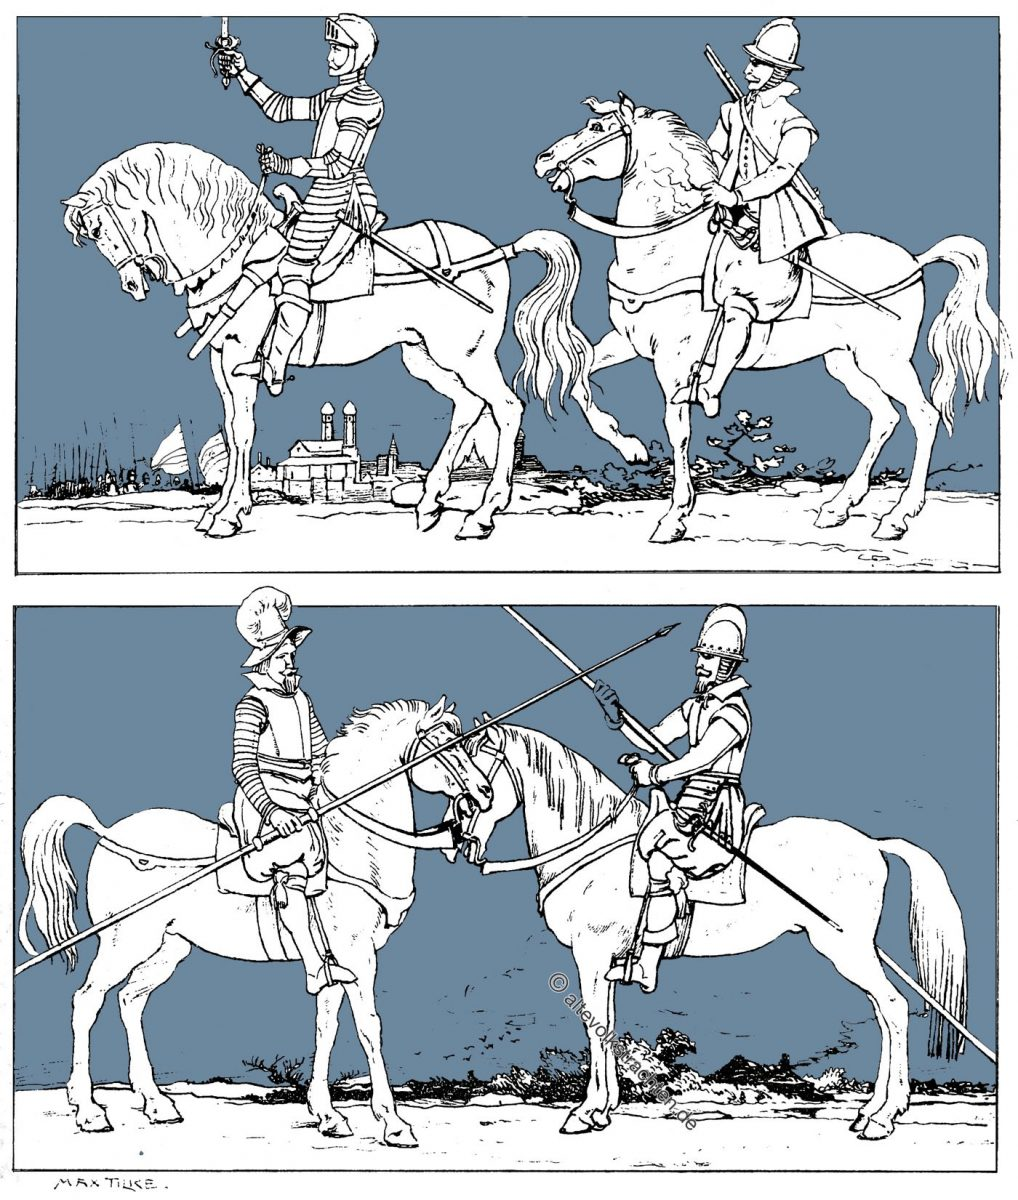 Reiterei, Barock, Kostümgeschichte, Arkebusiere, Karabiniere, Dragoner, Kürassiere, Lanzenreiter